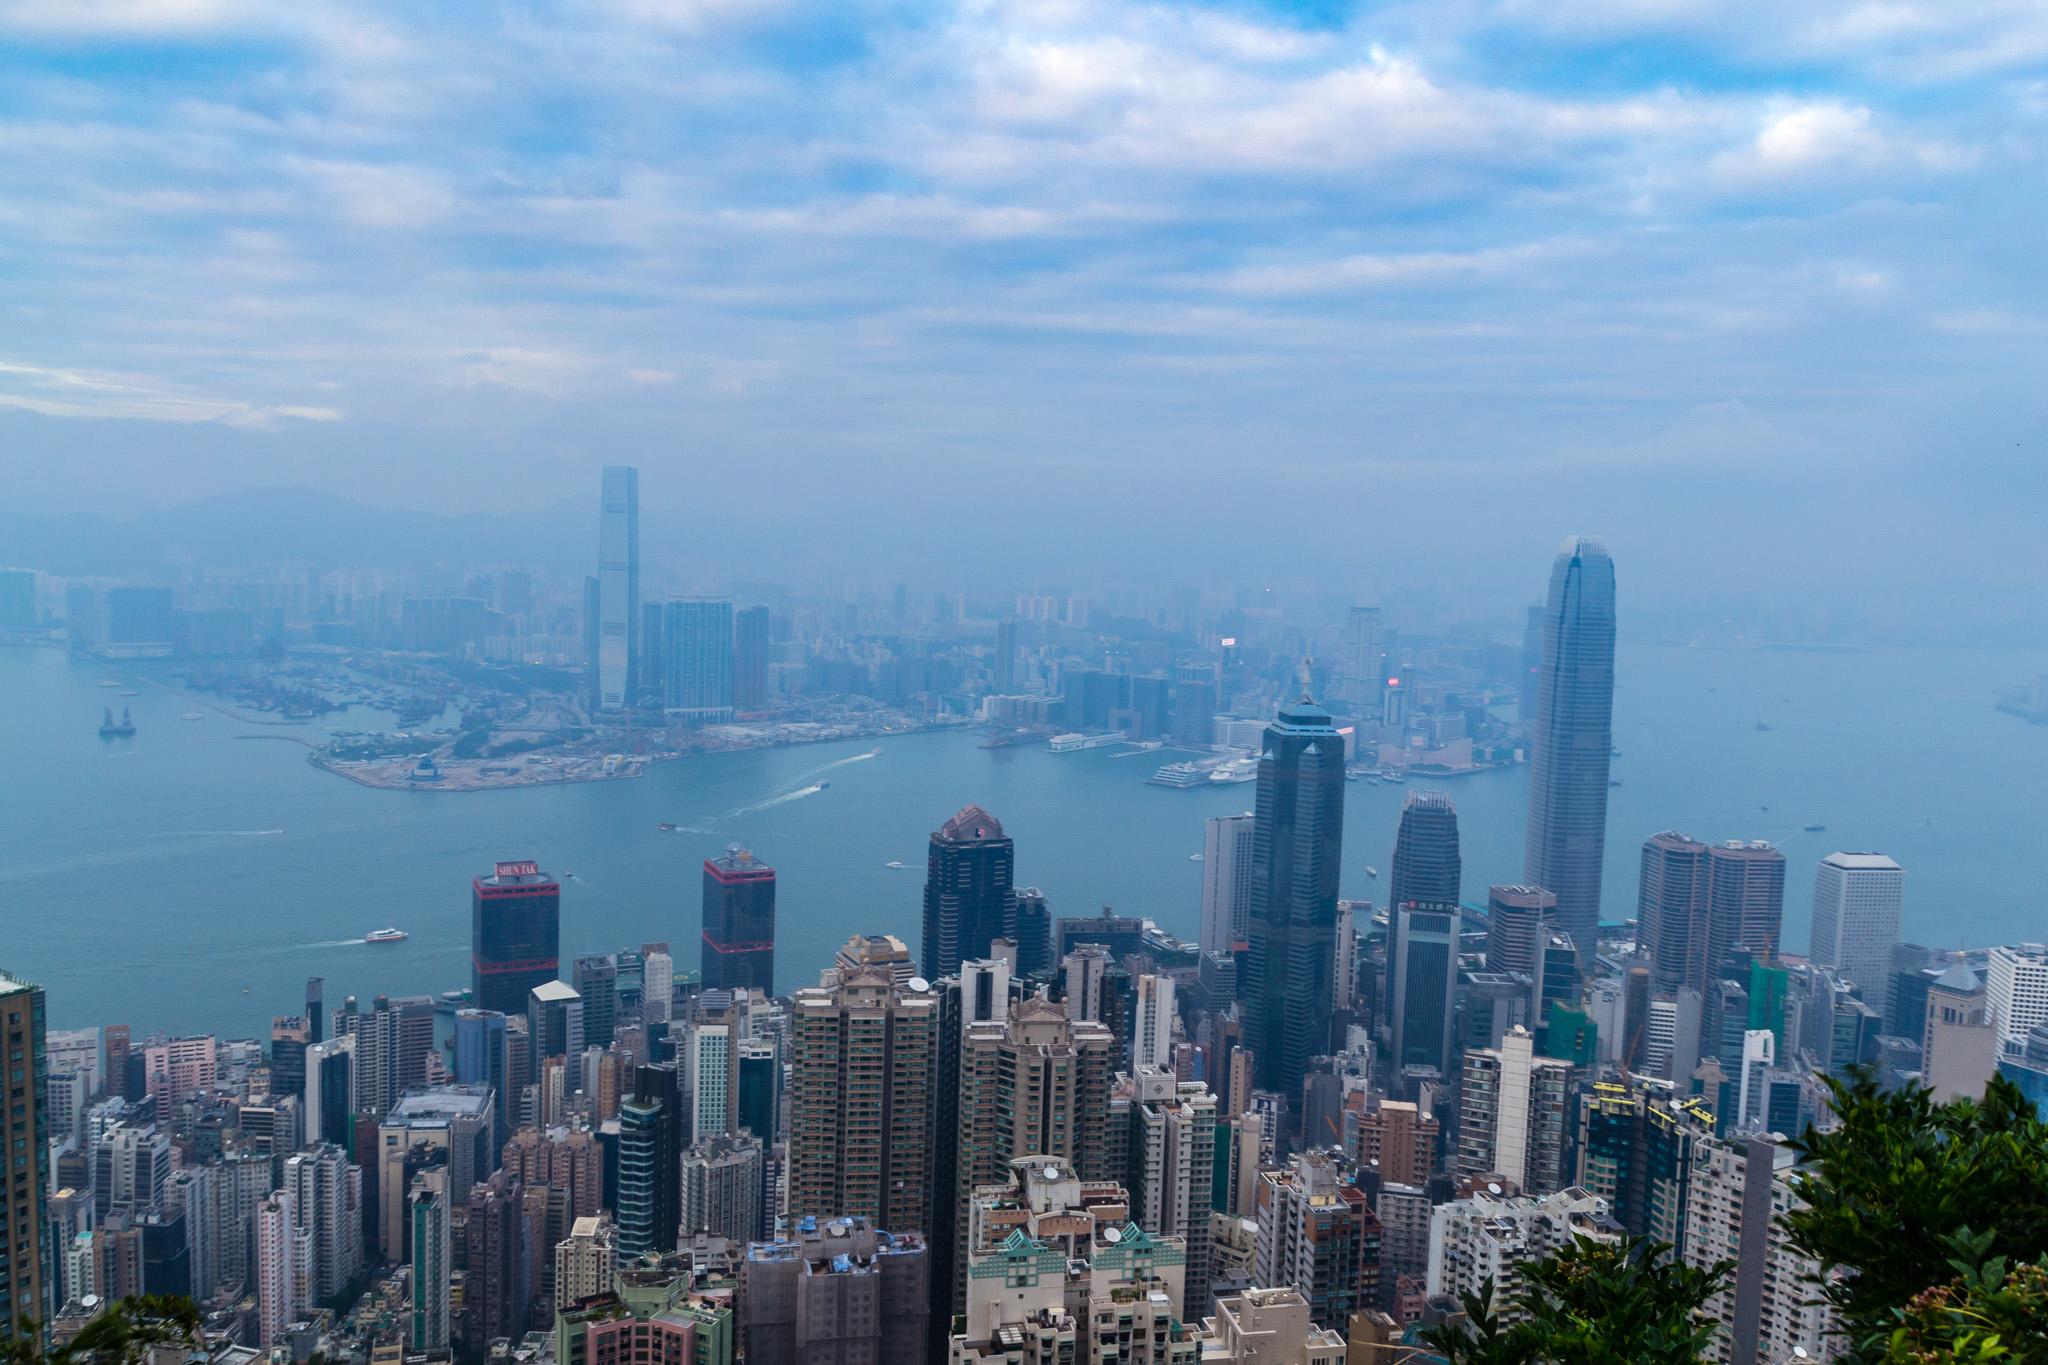 Näkymä Victoria Peakilta Hongkongissa